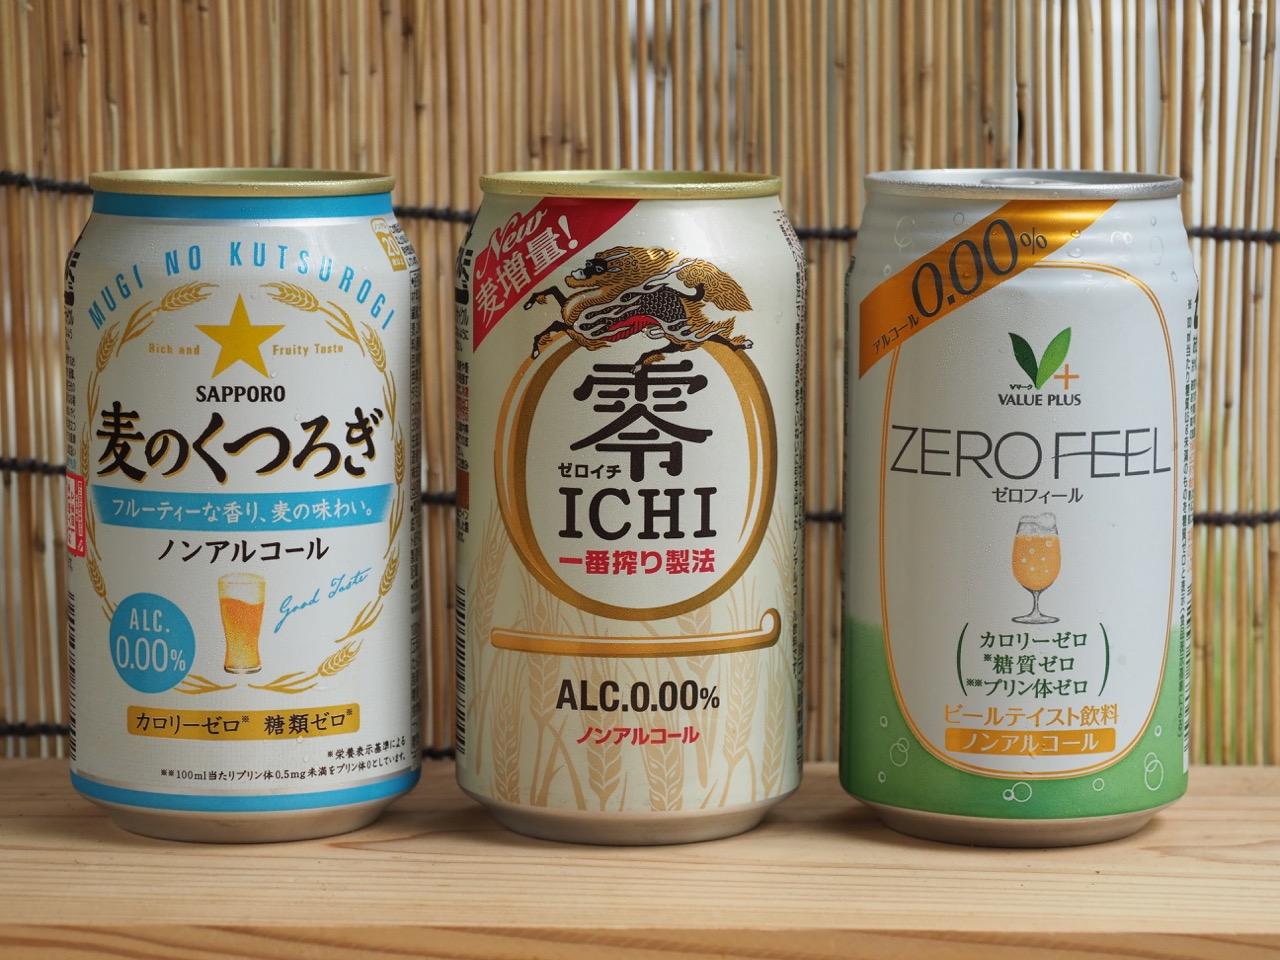 麦芽とホップ+炭酸、新しいジャンルの清涼飲料